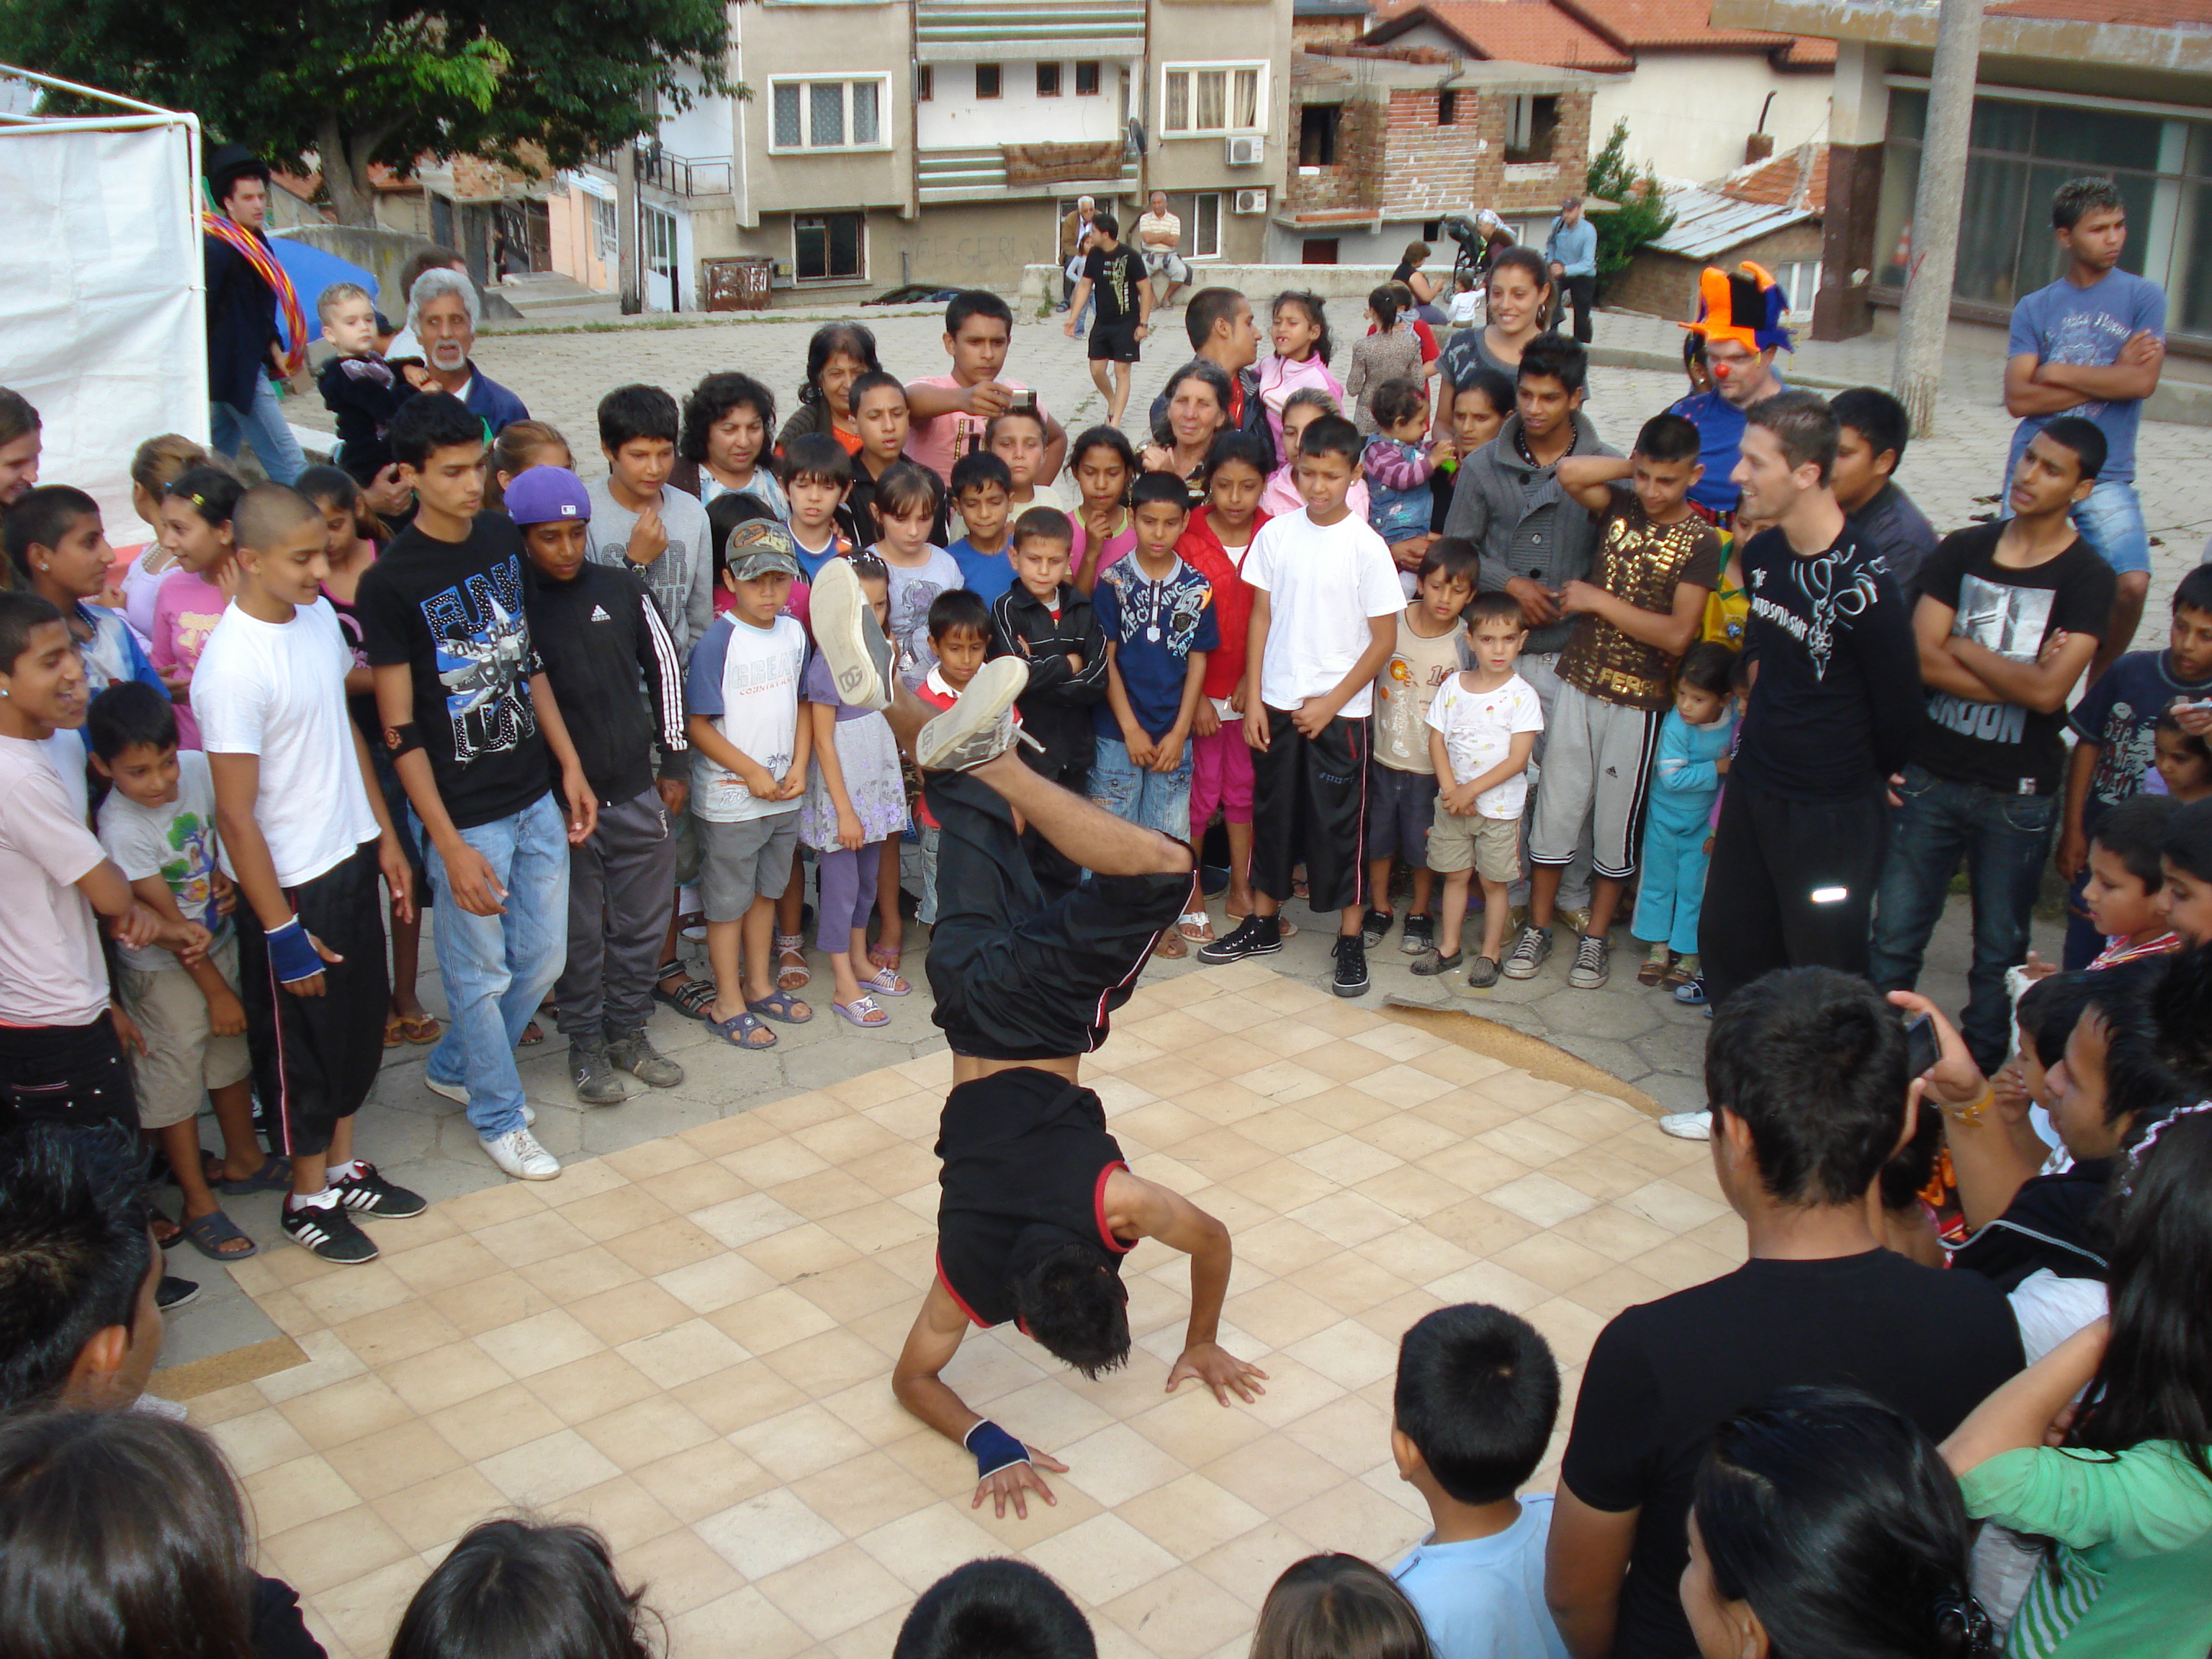 ACN ayuda a cambiar vidas de niños romaníes en Bulgaria